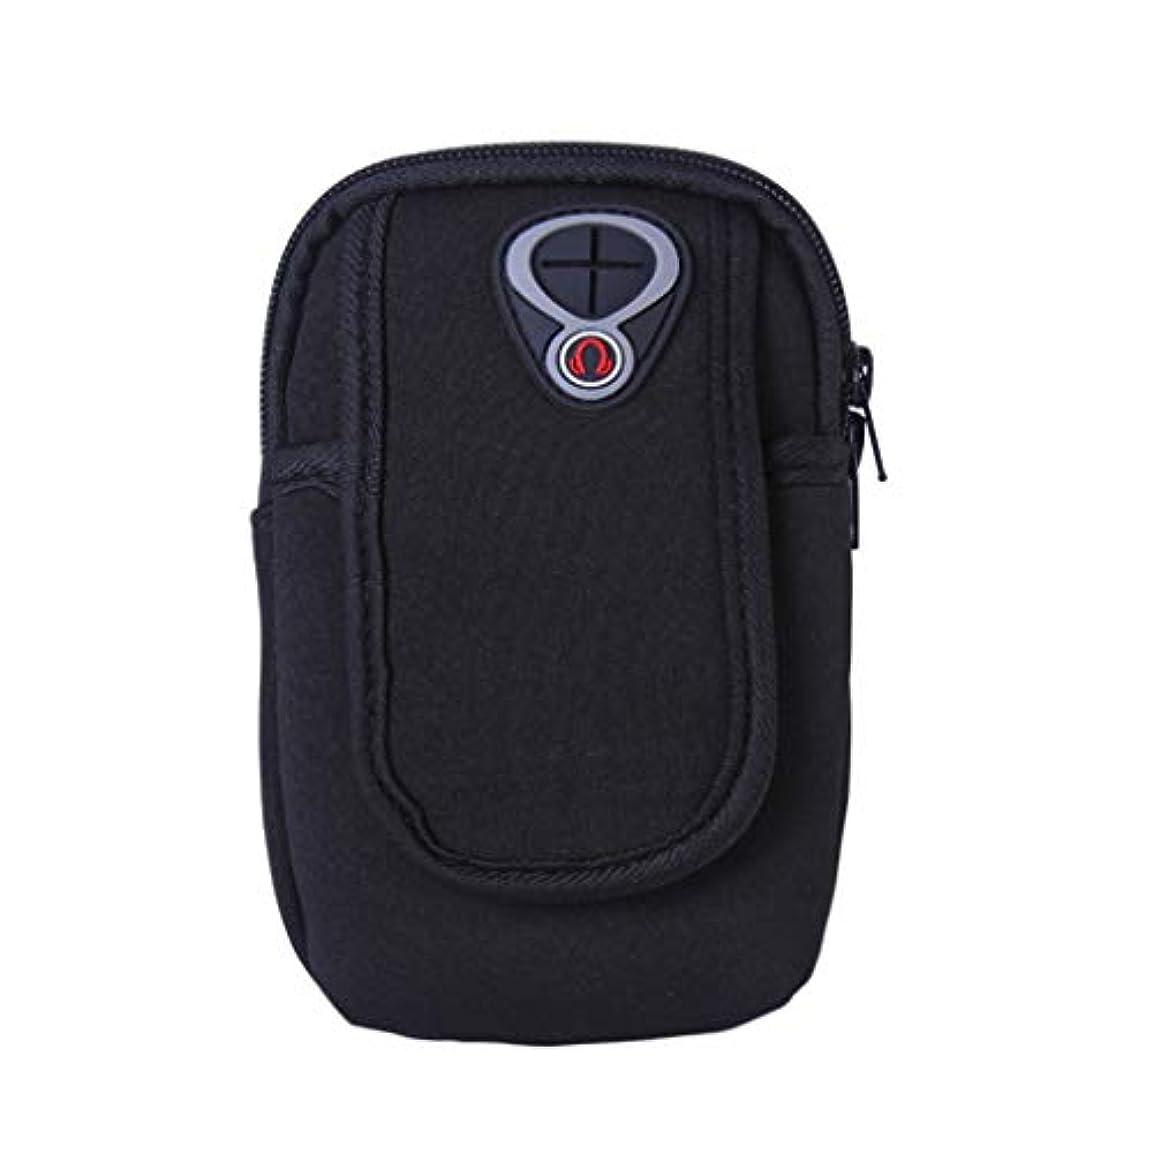 構成するステレオタイプ鼓舞するスマートフォンホルダー 携帯ケース YOKINO 通気性抜群 小物収納 防水防汗 軽量 縫い目なし 調節可能 男女共用